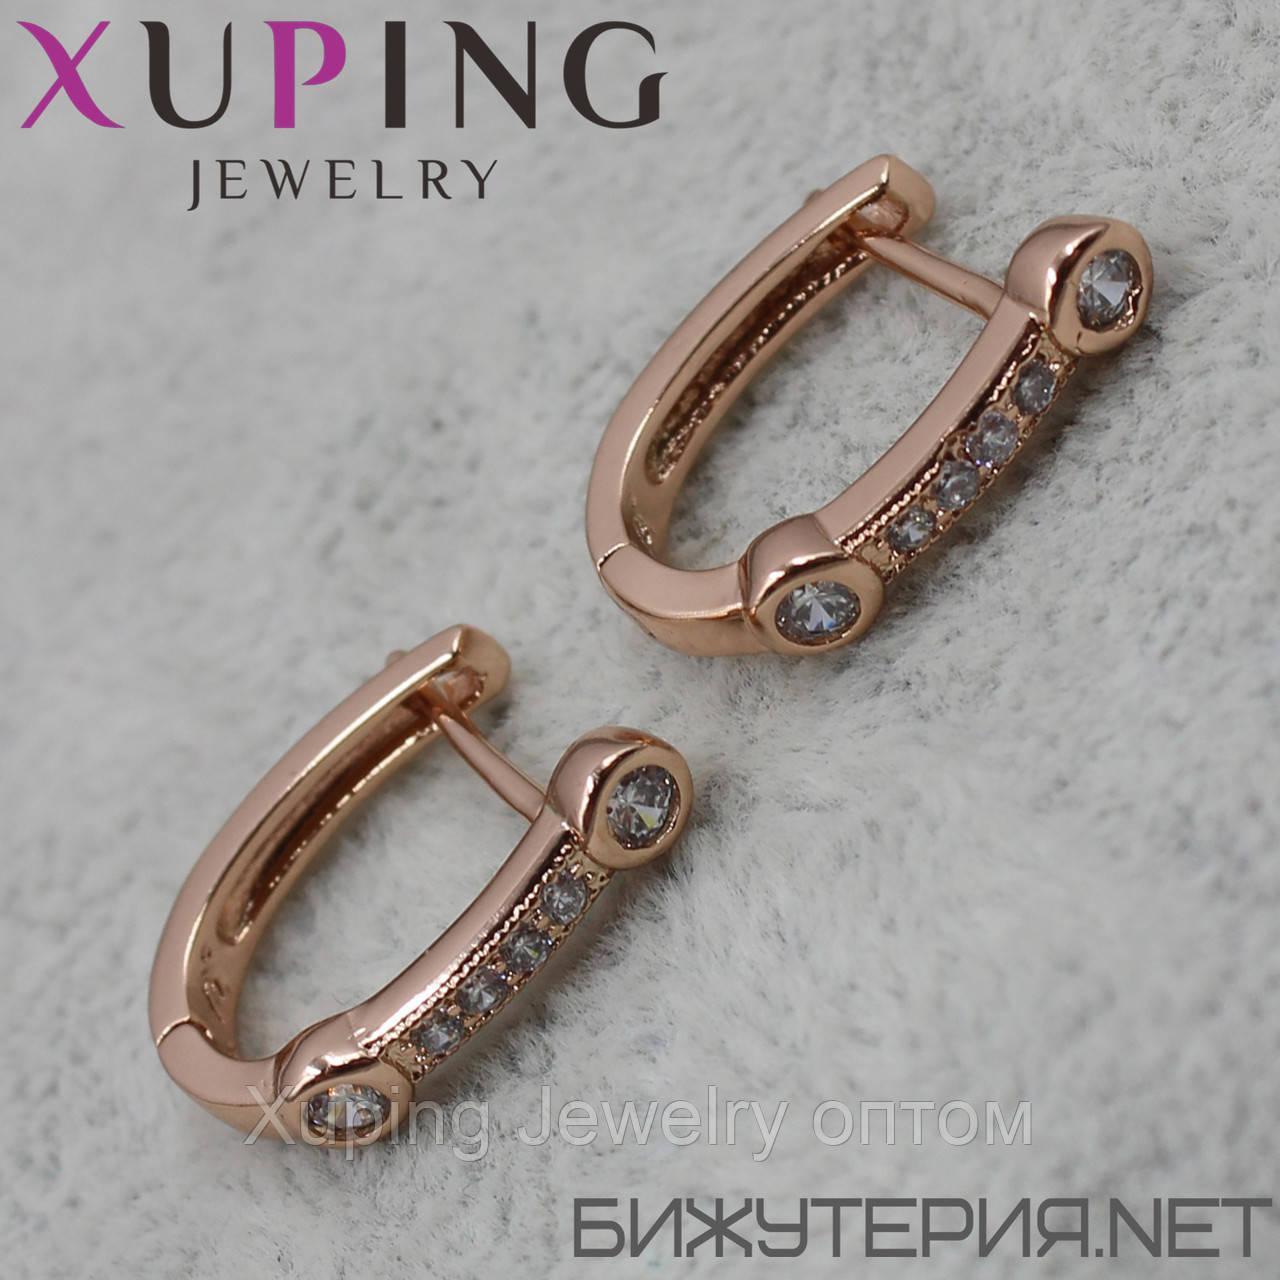 Серьги Xuping медицинское золото 18K Gold - 1029326567